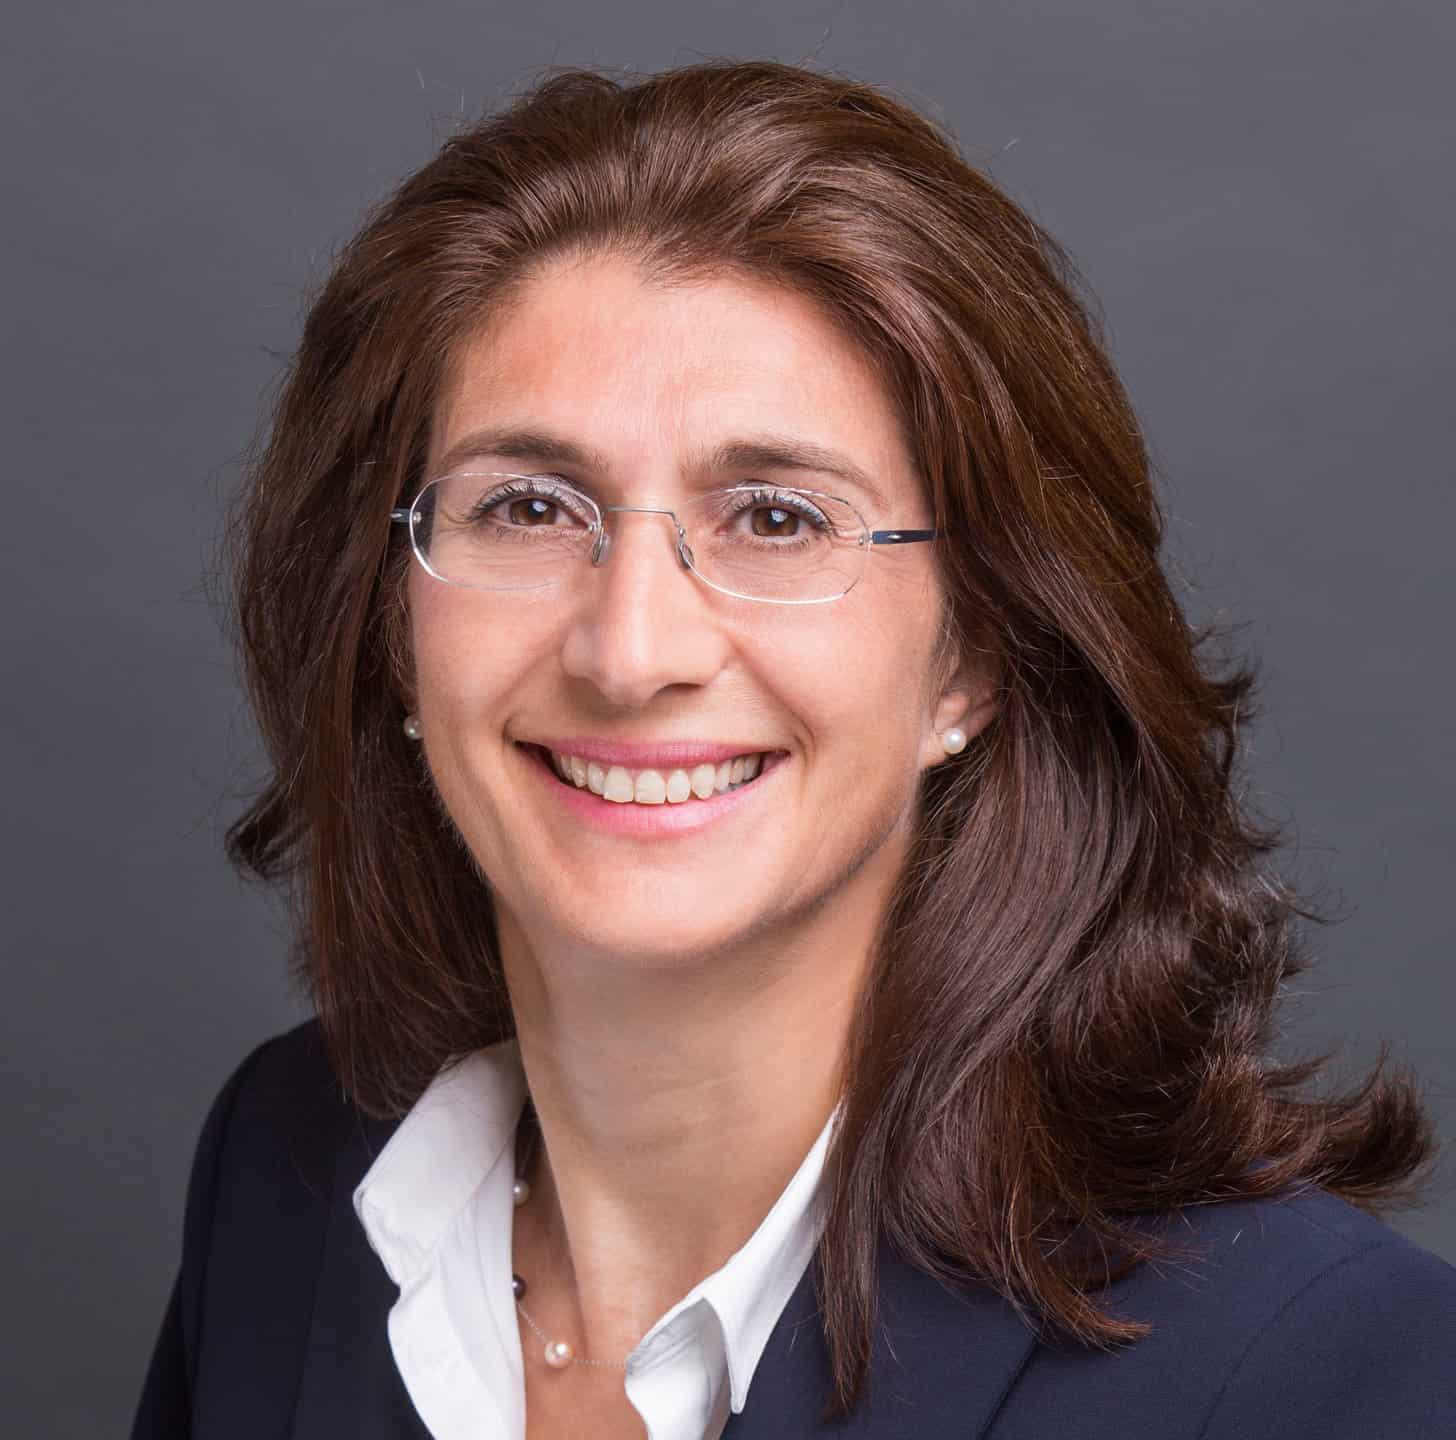 Maria Fisentzou